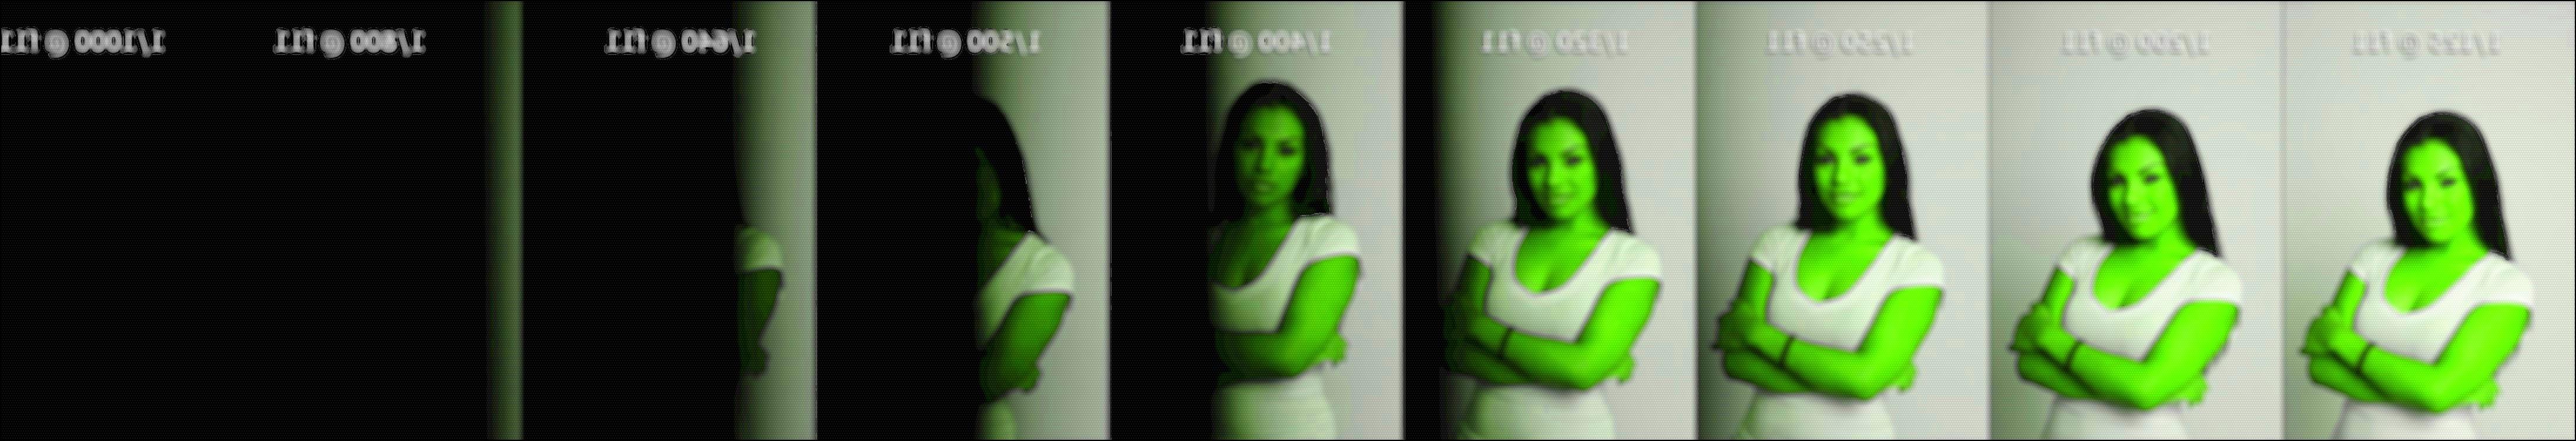 Unflash photographique: un dispositif produisant unelumièreintense sur un court laps de temps